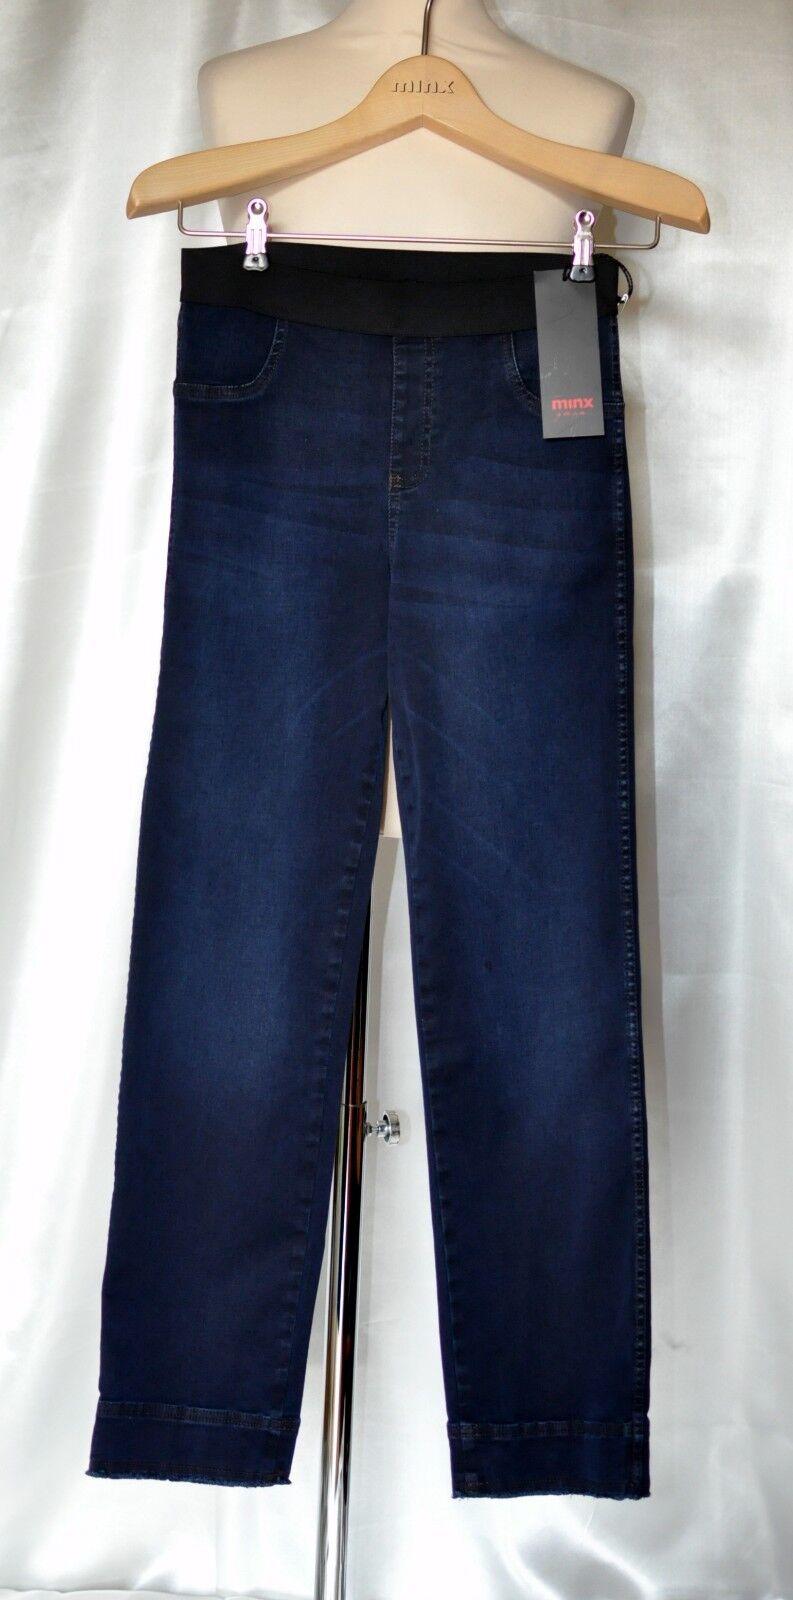 Minx Taglia 36 Stretch Jeans abbreviata Holma Holma Holma Jeans Denim Blu Nuovo be8b8b